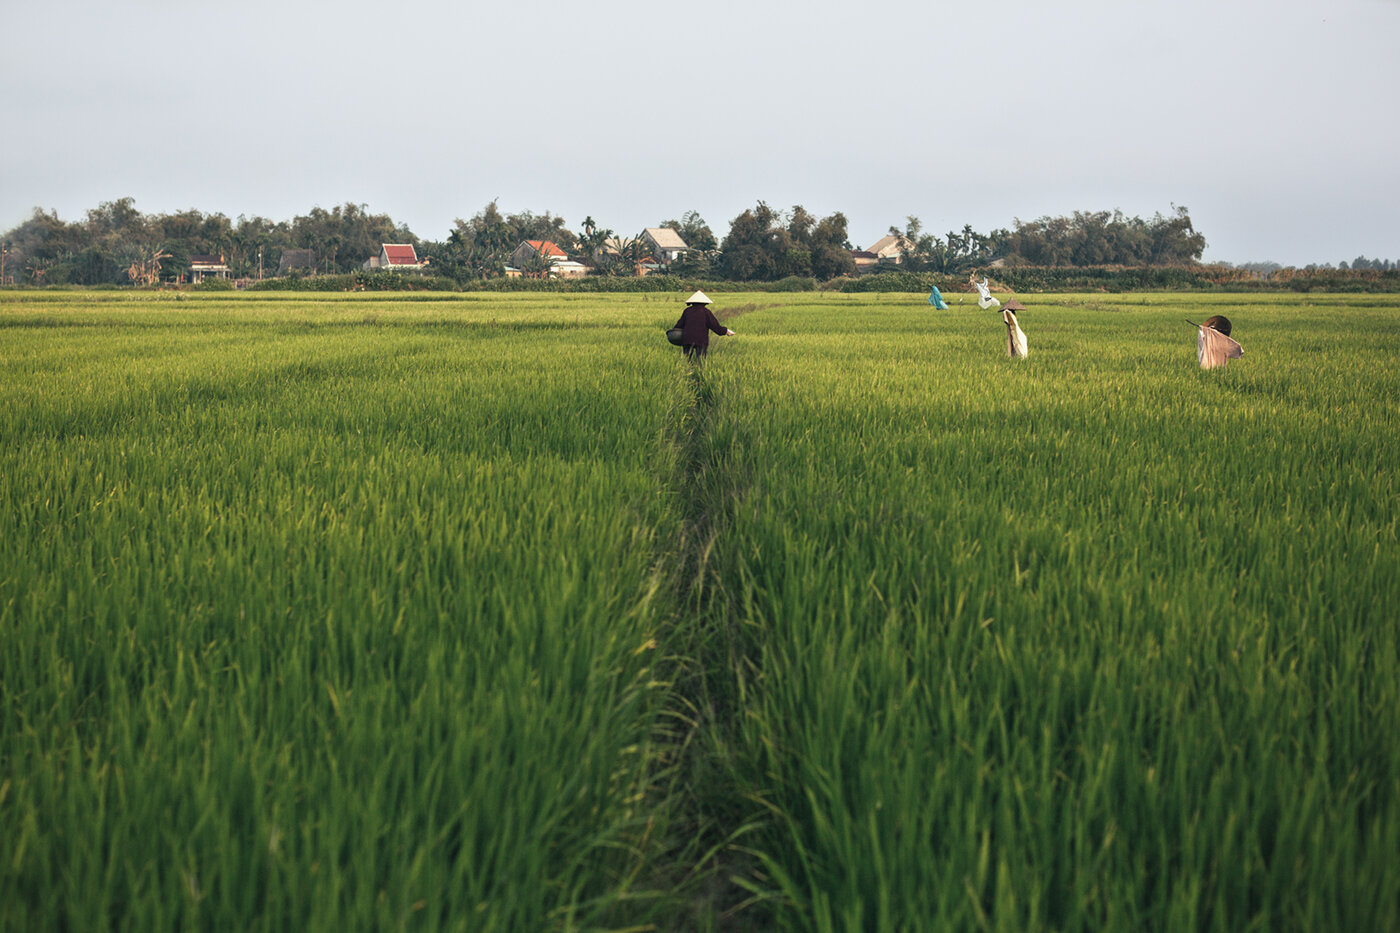 Ricefield in Vietnam